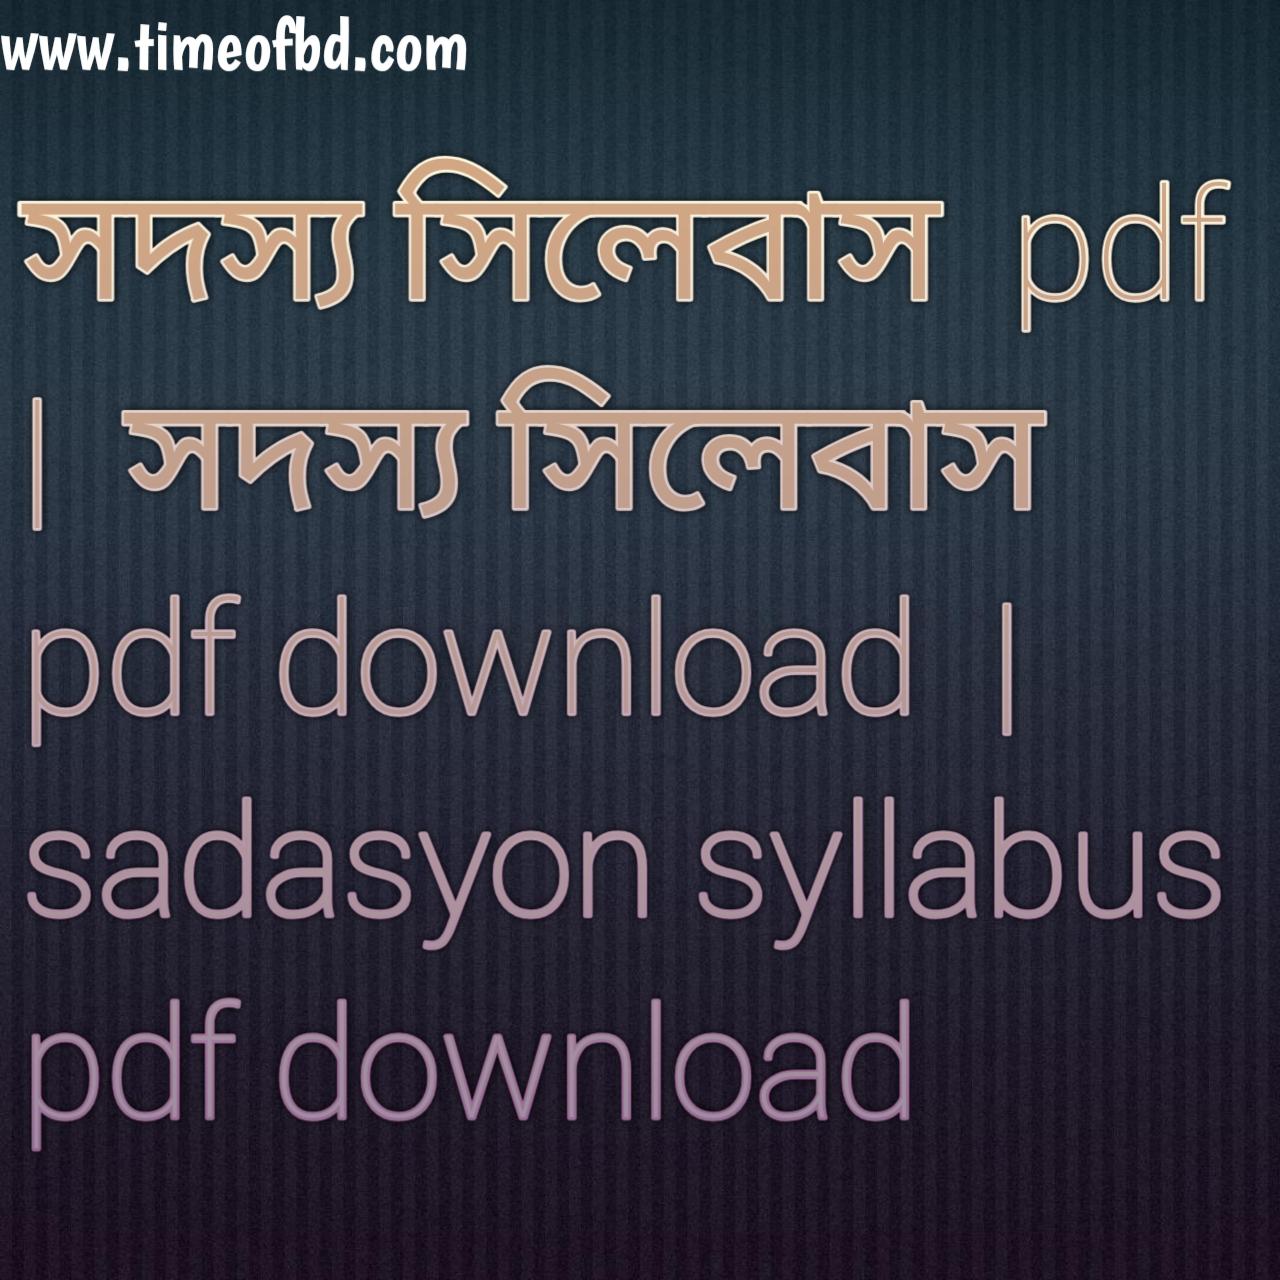 সদস্য সিলেবাস  pdf, সদস্য সিলেবাস pdf download, সদস্য সিলেবাস বই pdf, সদস্য সিলেবাস পিডিএফ